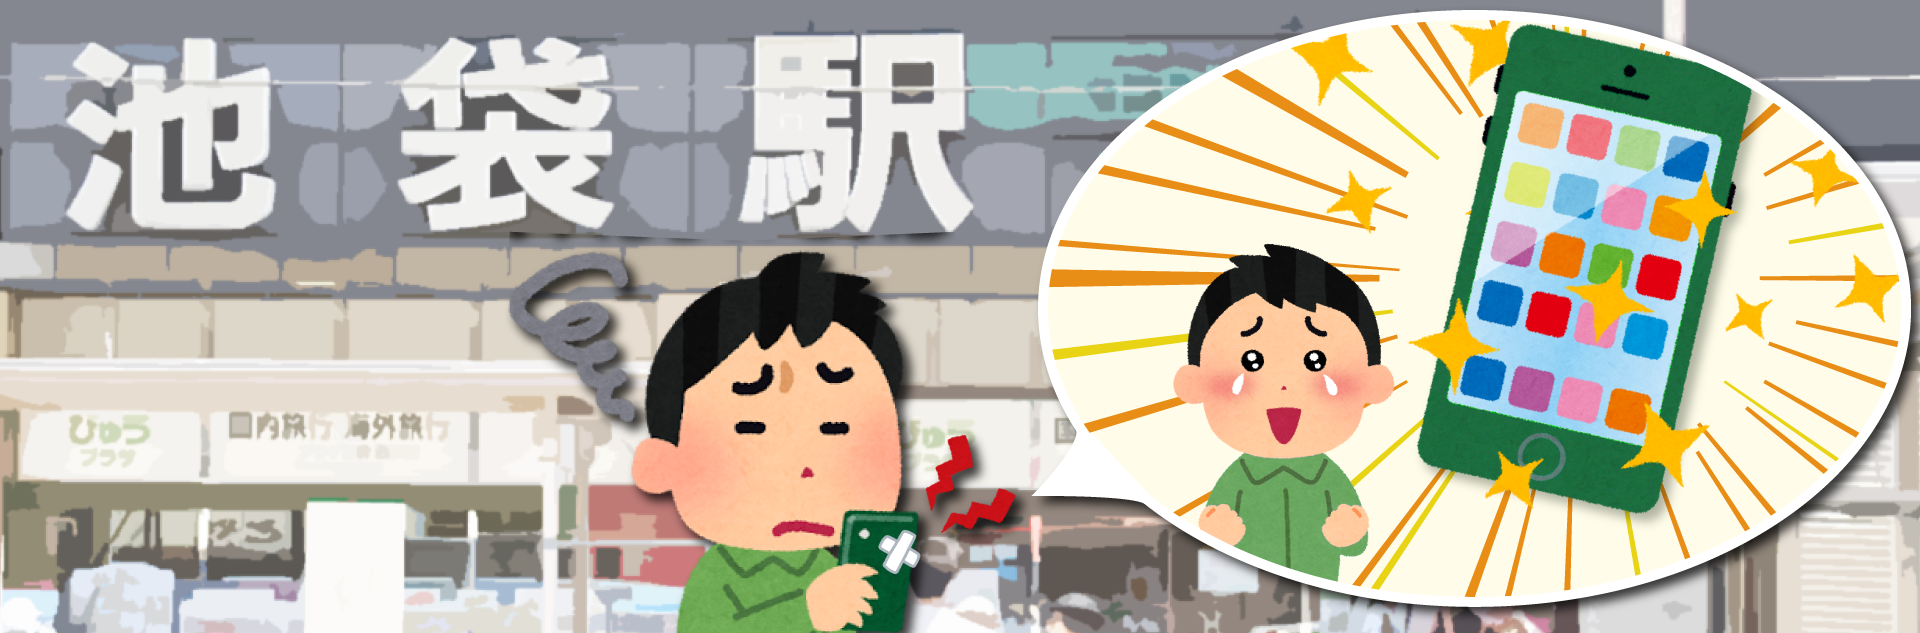 修理品質、評価・口コミを徹底紹介…池袋で評判のiPhone修理店まとめ7選!